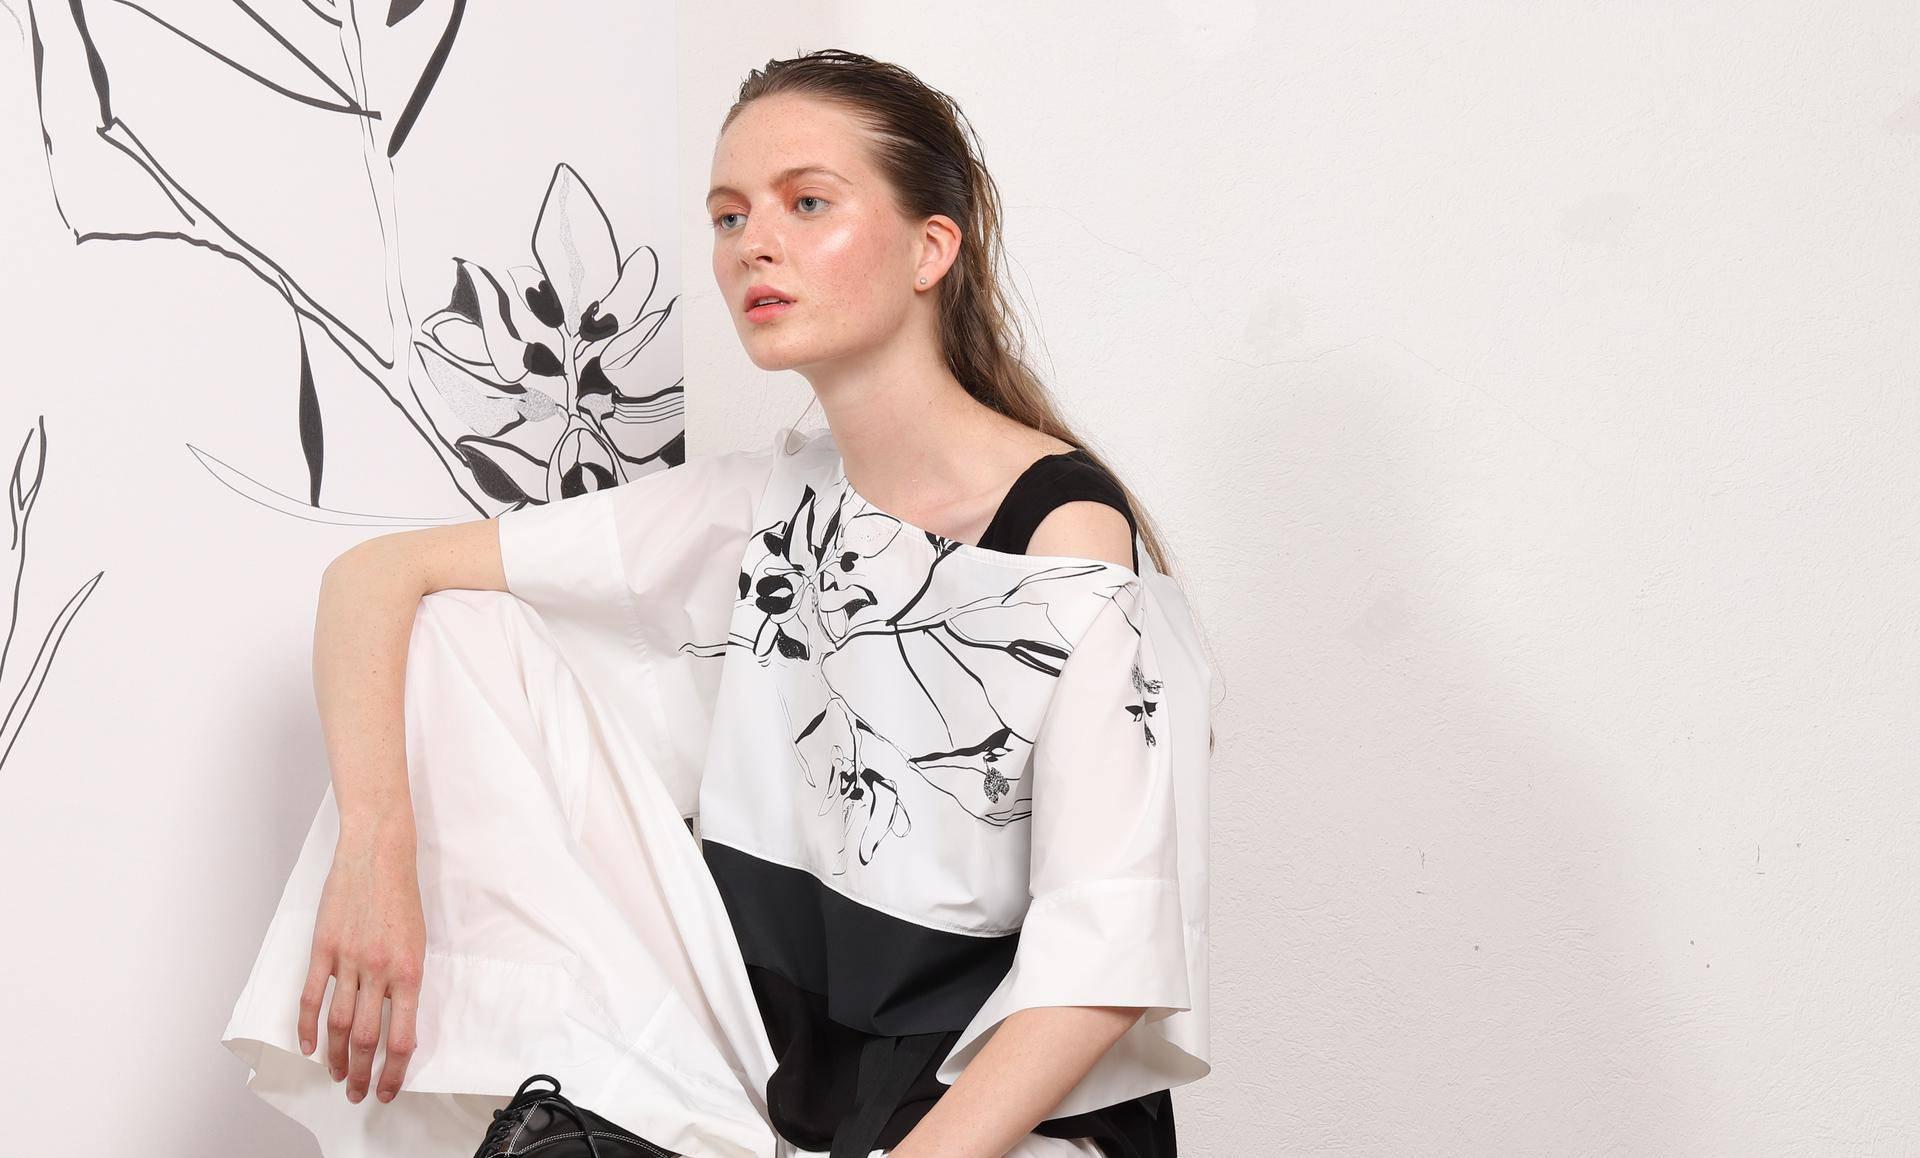 Hrvatski modni brend I.G.O.R. otkriva kako napraviti kolekciju po ekološkim standardima